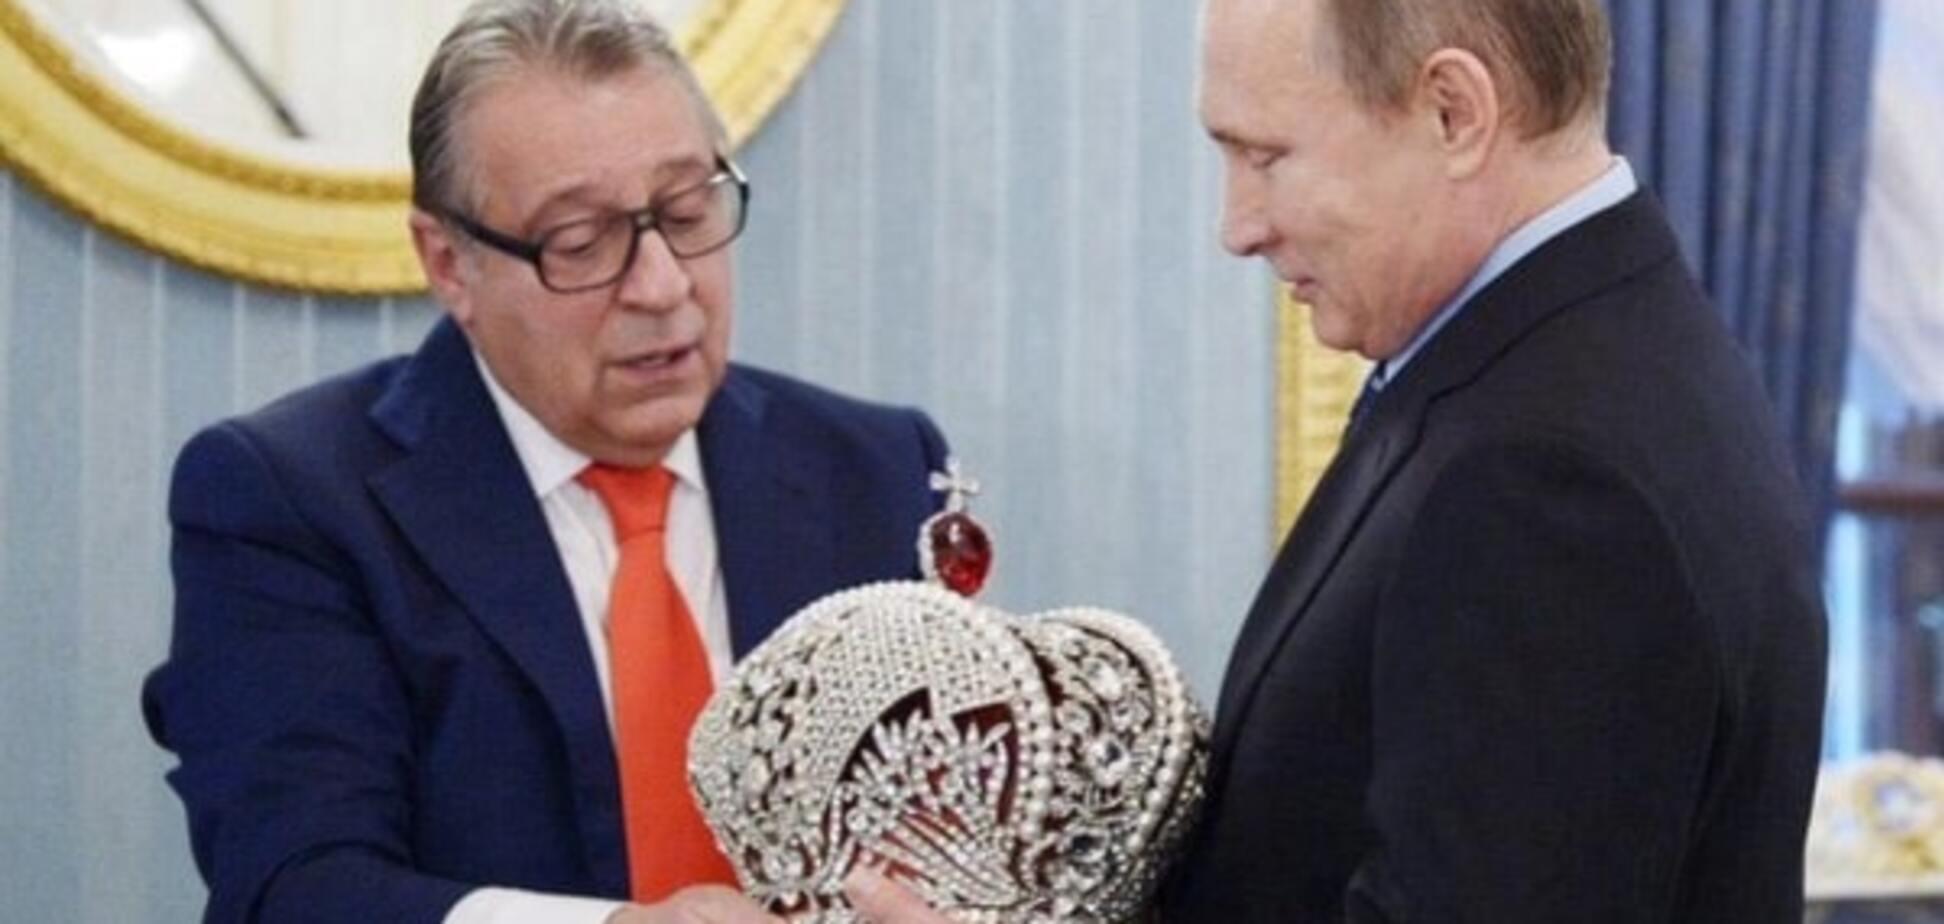 Дві реальності: в соцмережах порівняли світи Путіна і Порошенко